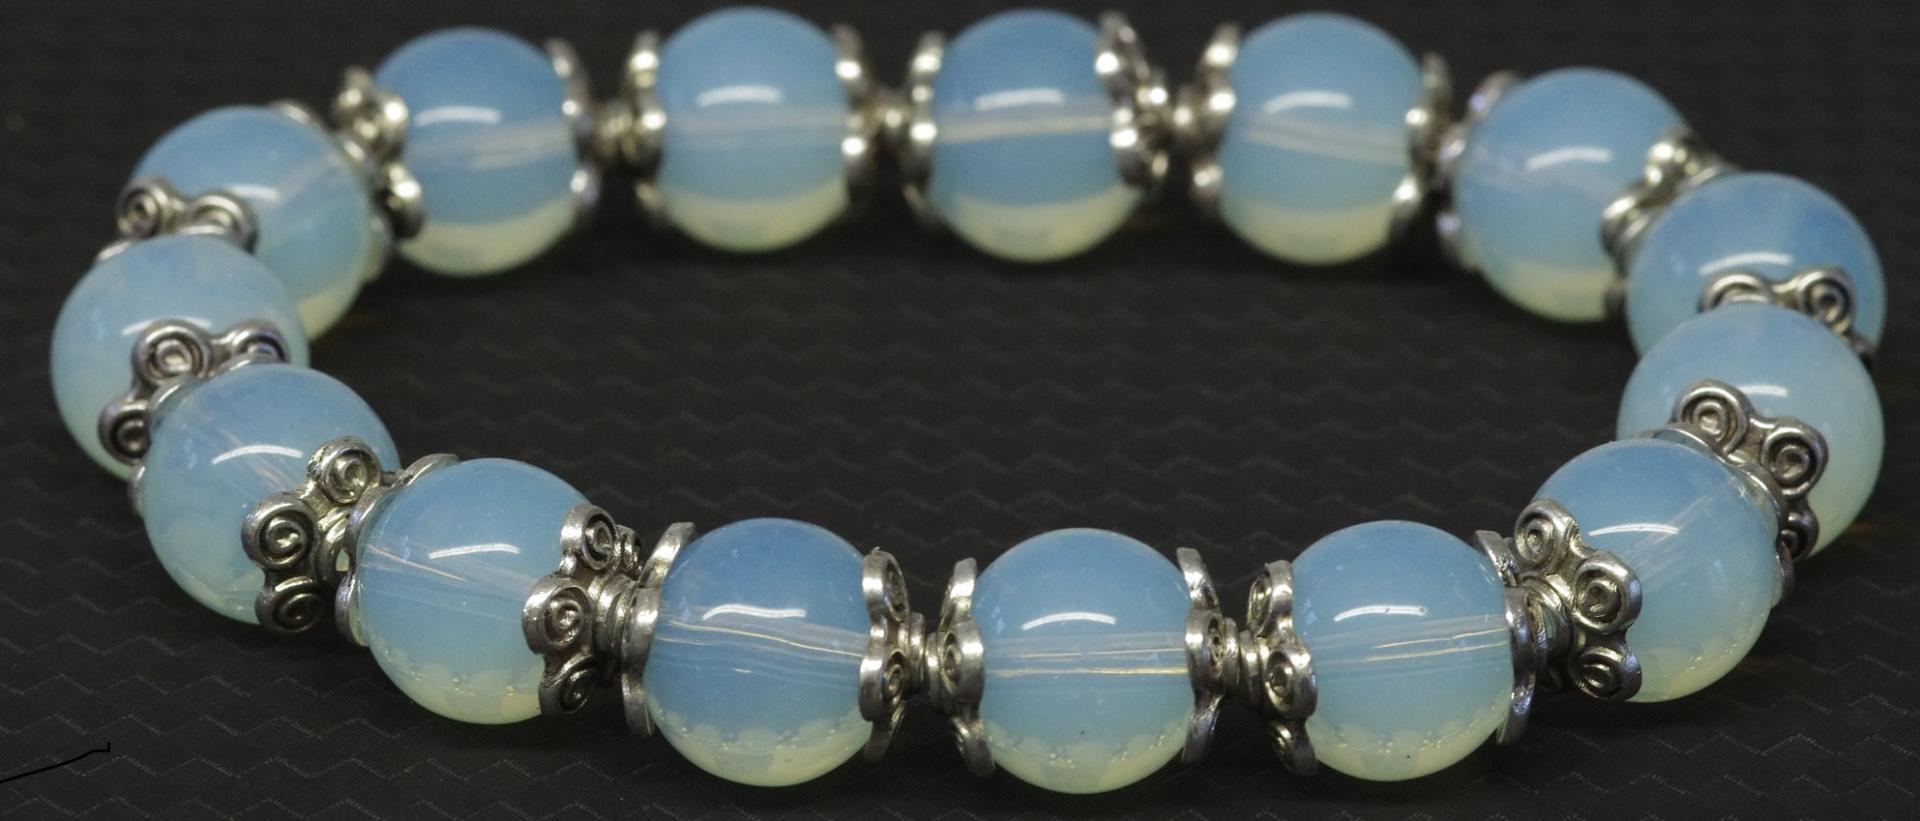 Bracelet opalite 3 2